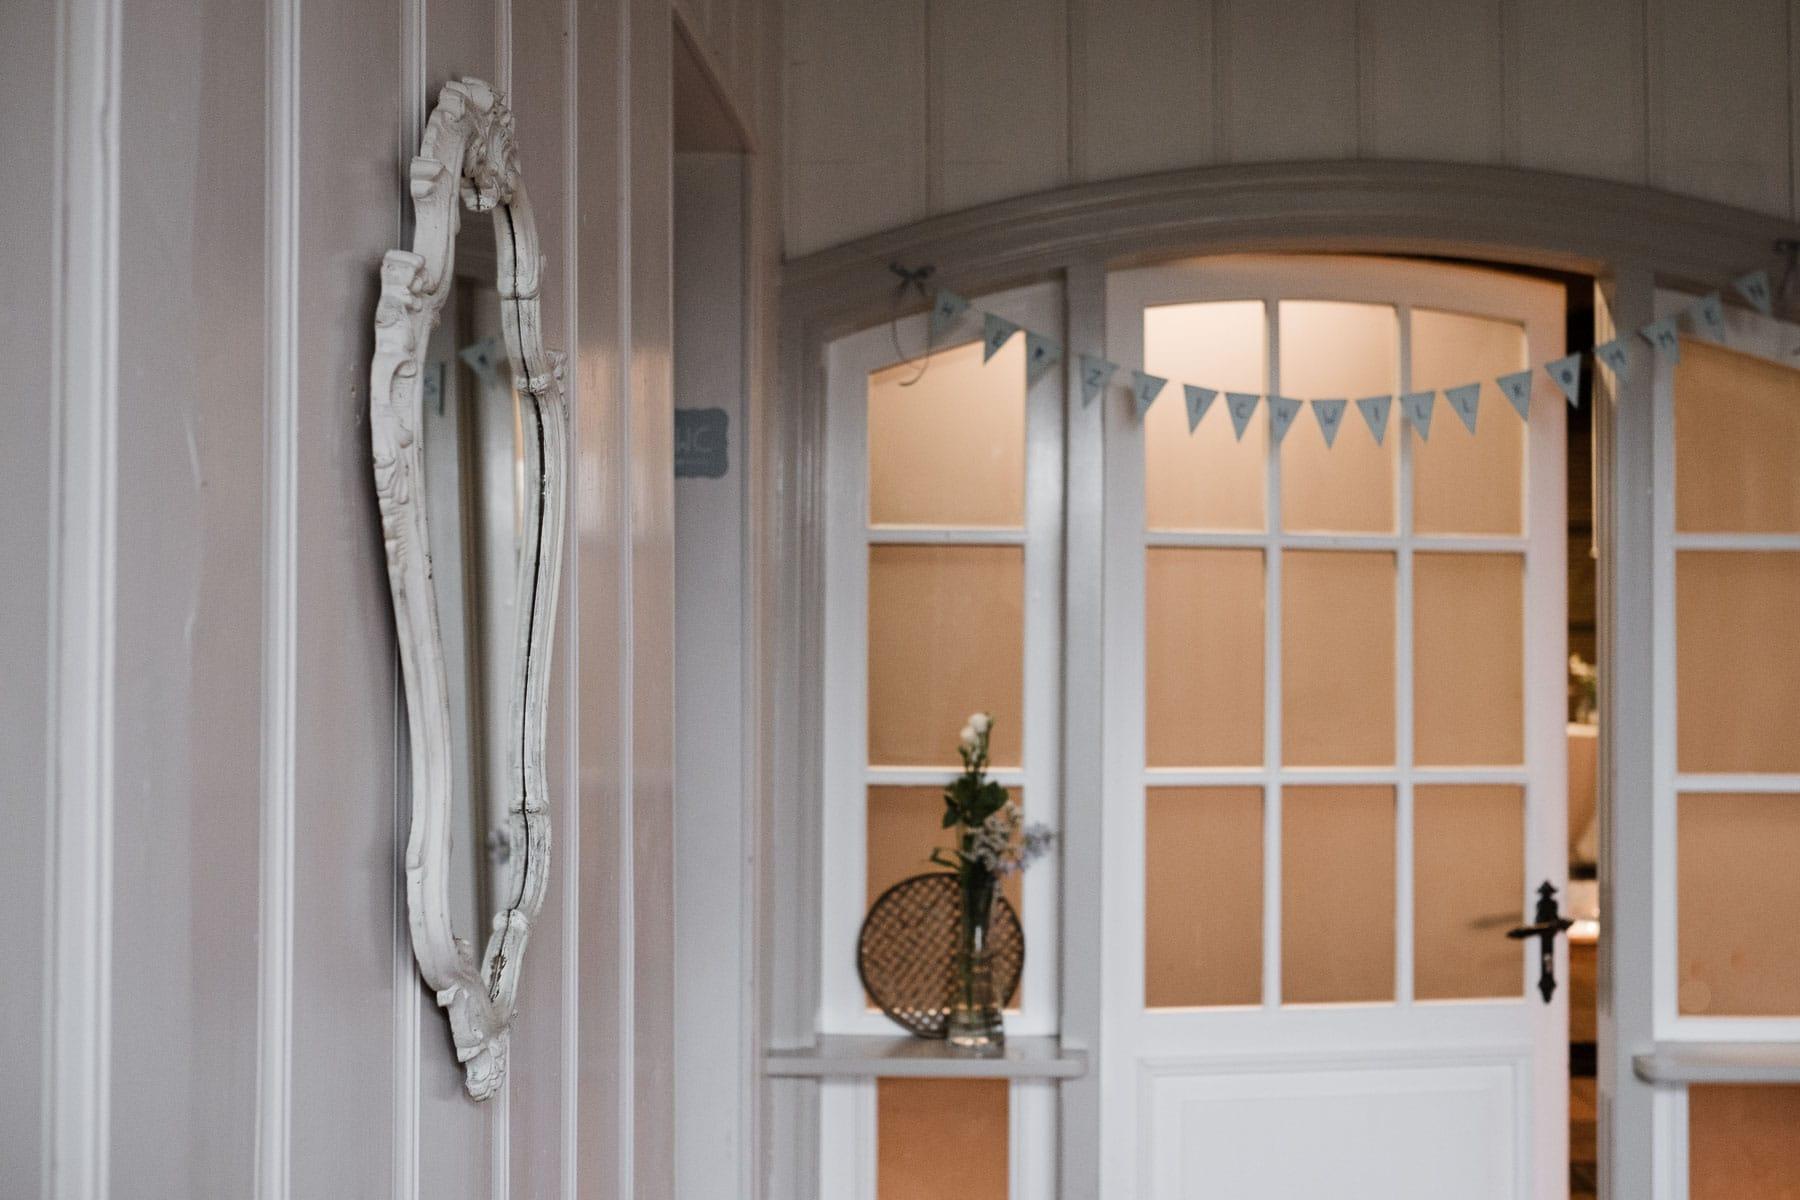 der Eingang eines Landhauses, eine große, weiße Bodentür, über der Tür hängt eine Wimpelkette